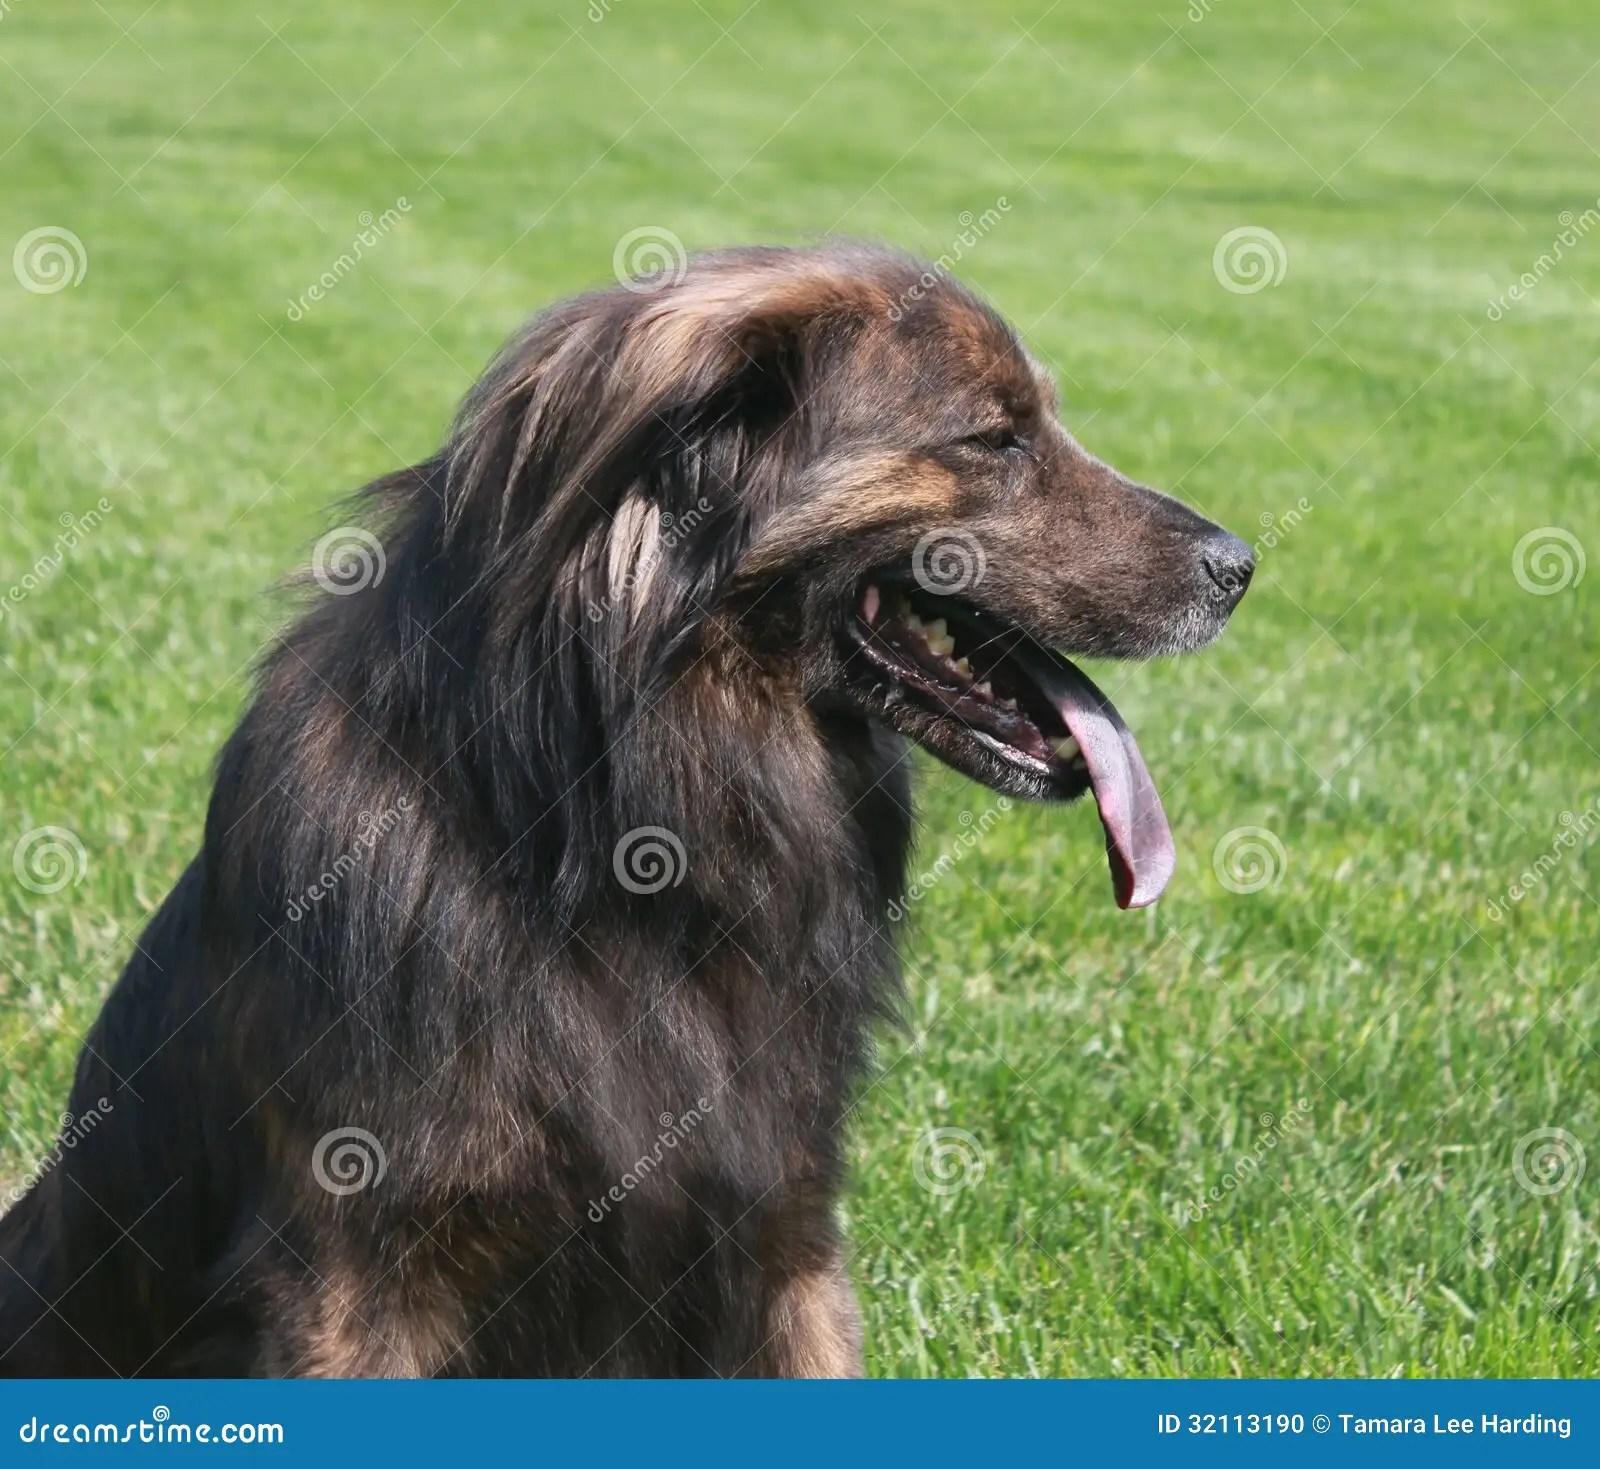 Grote Bruine Hond Met Lang Haar Stock Foto Afbeelding